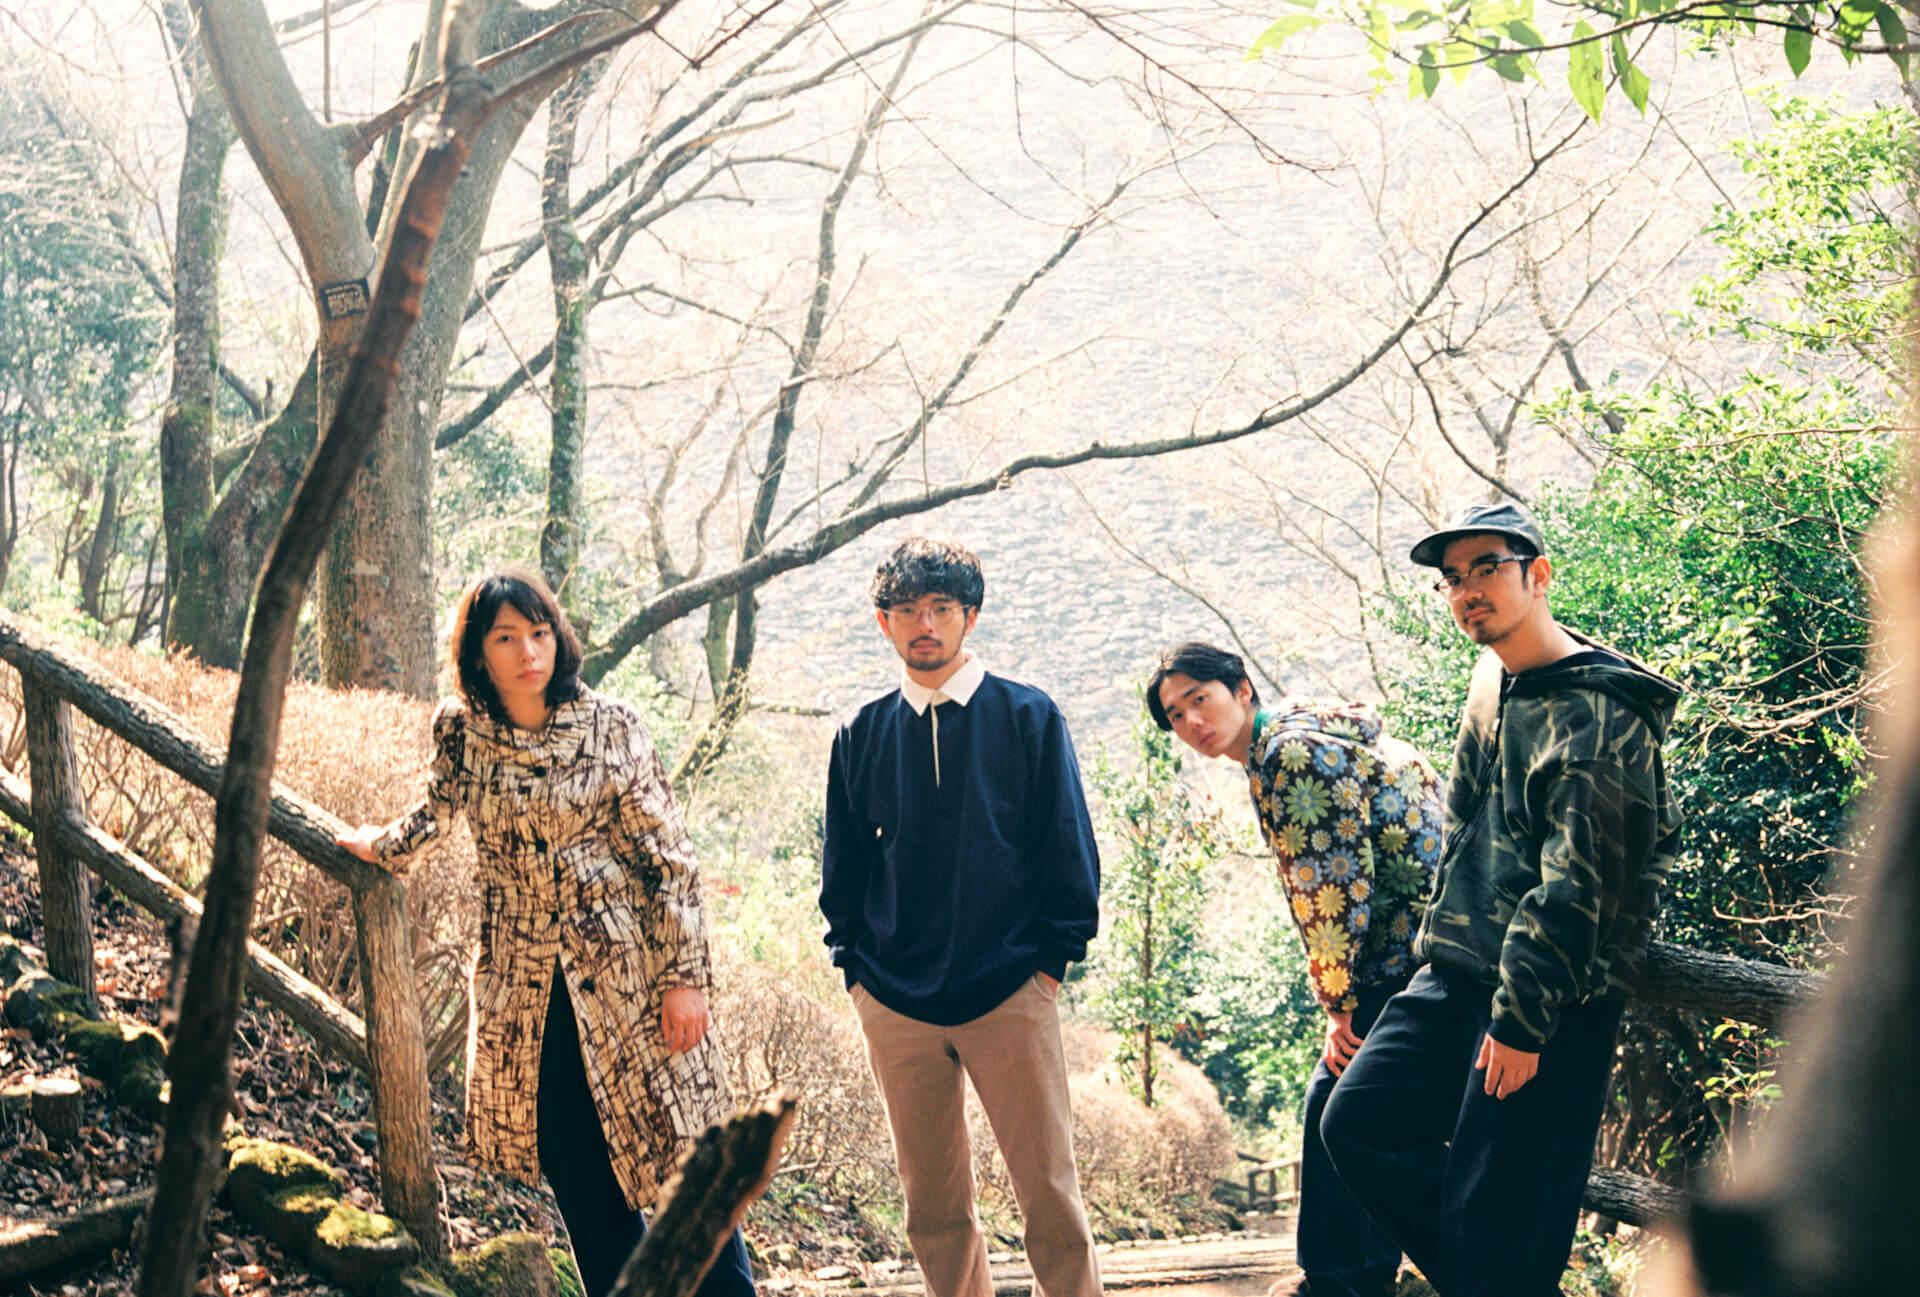 「自然」とそこにあった音楽──MONO NO AWARE、New AL『行列のできる方舟』インタビュー interview210609_mono-no-aware-07